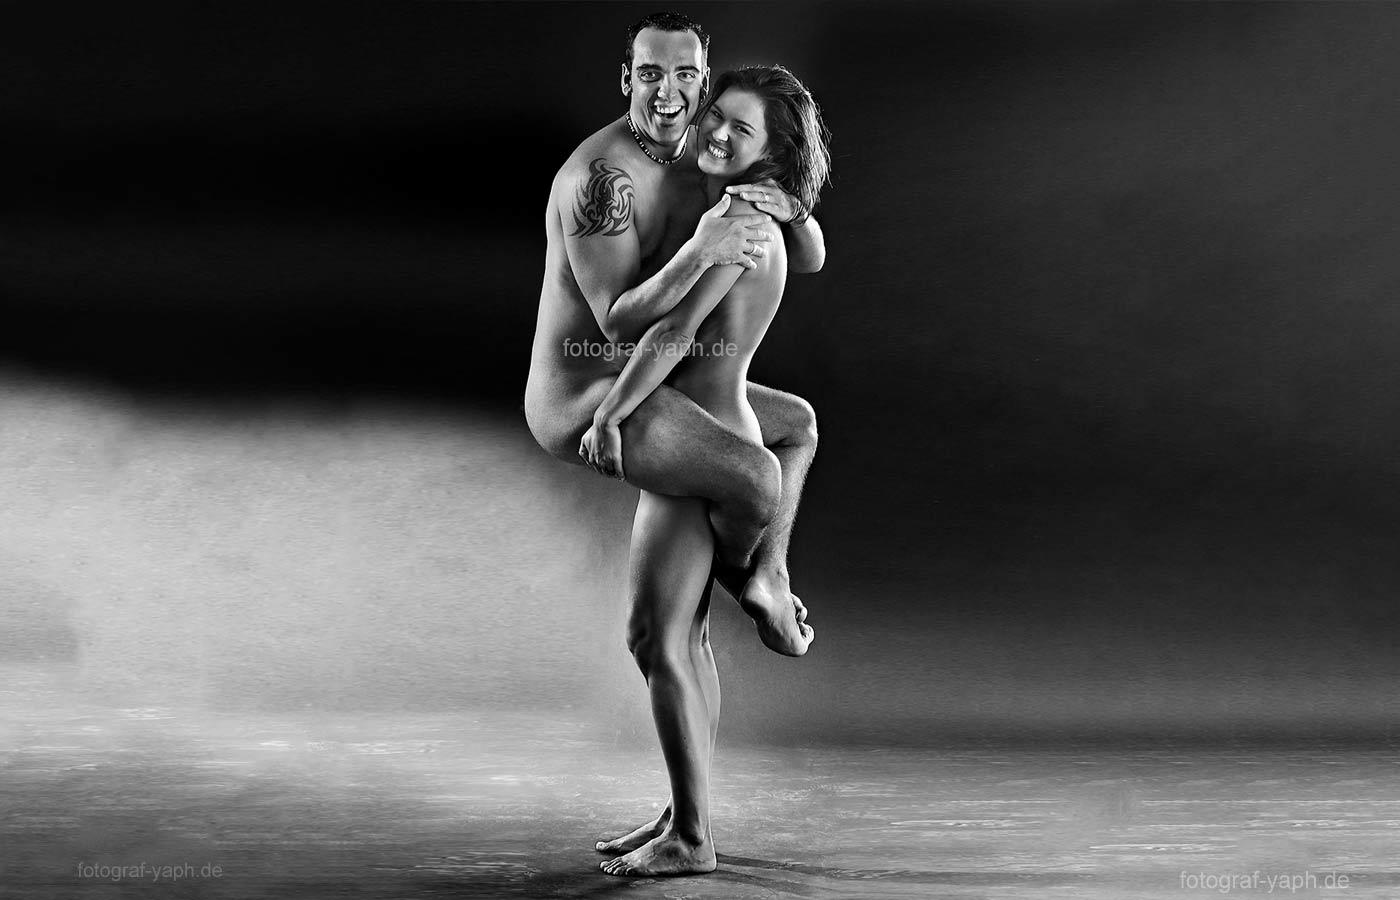 Paar Fotoshooting in Schwarz-Weiss ist eine besondere Leistung des Teams von Fotostudio Yaph in Trier.